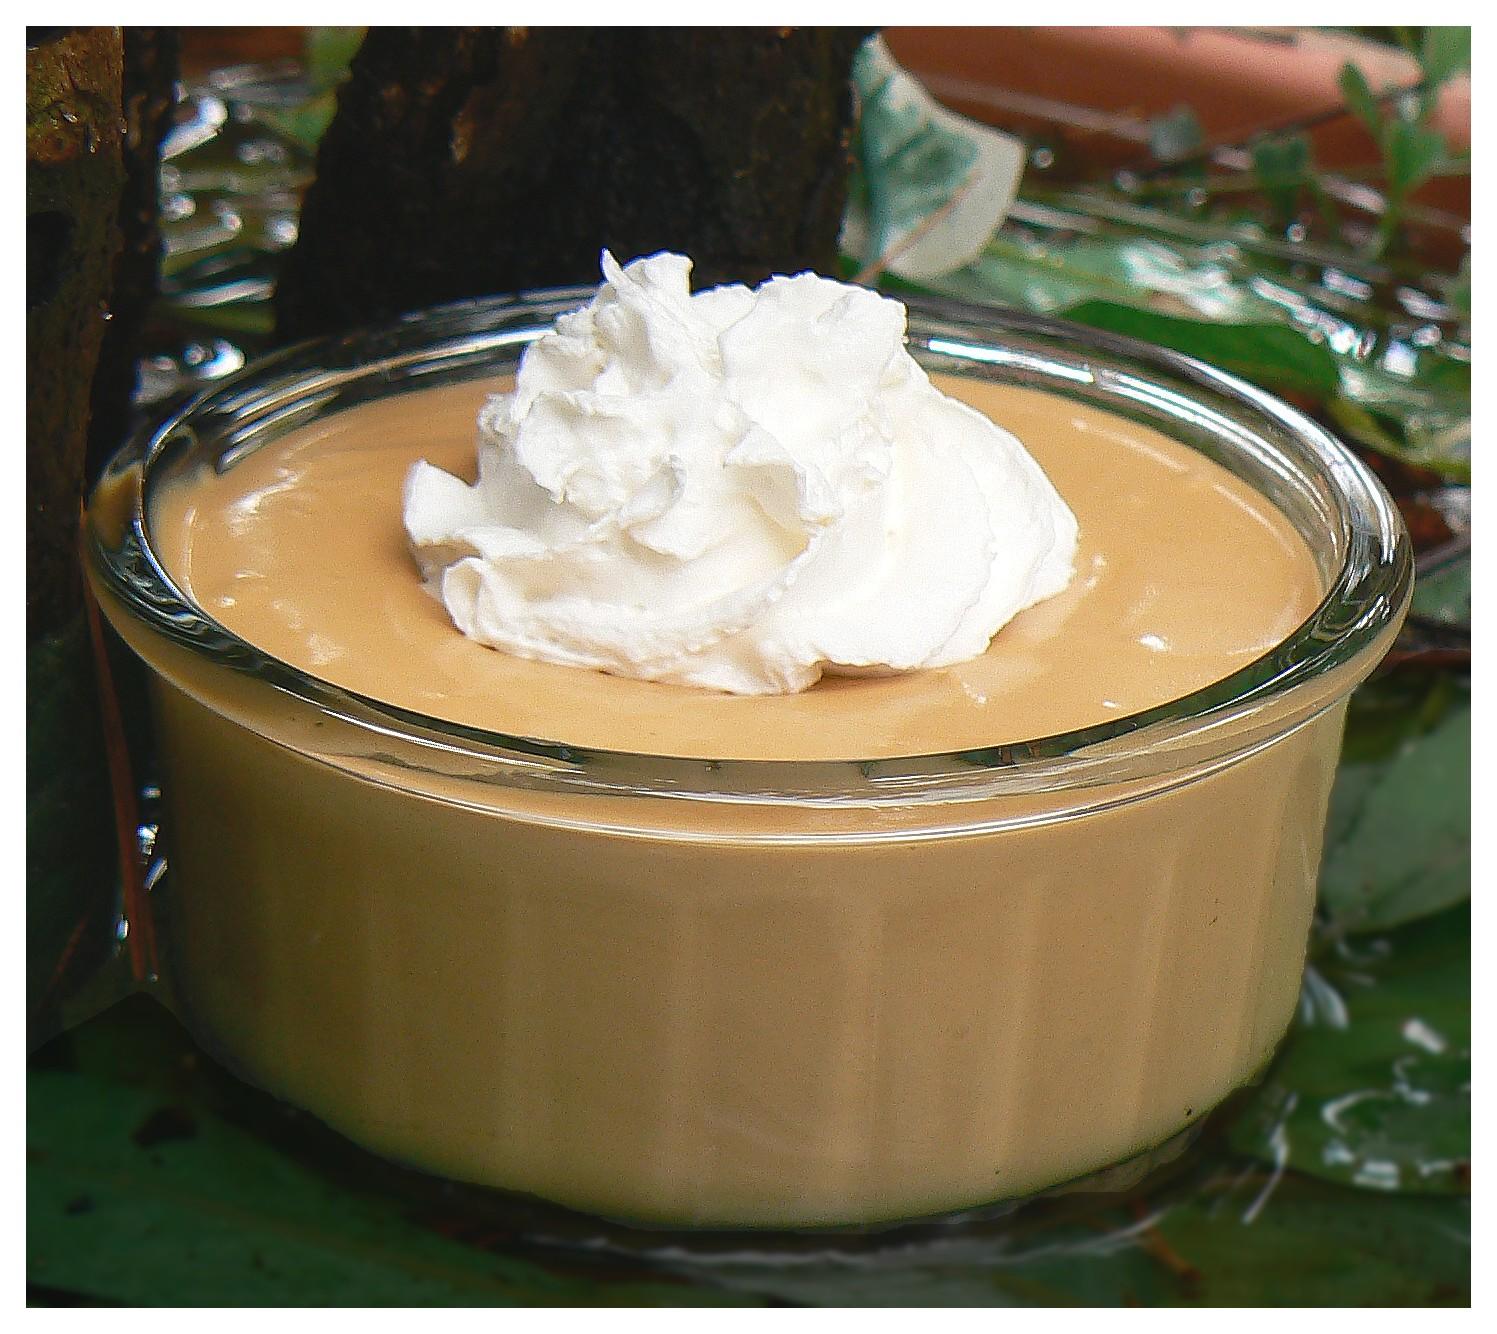 le palais gourmand mousse au dulce de leche